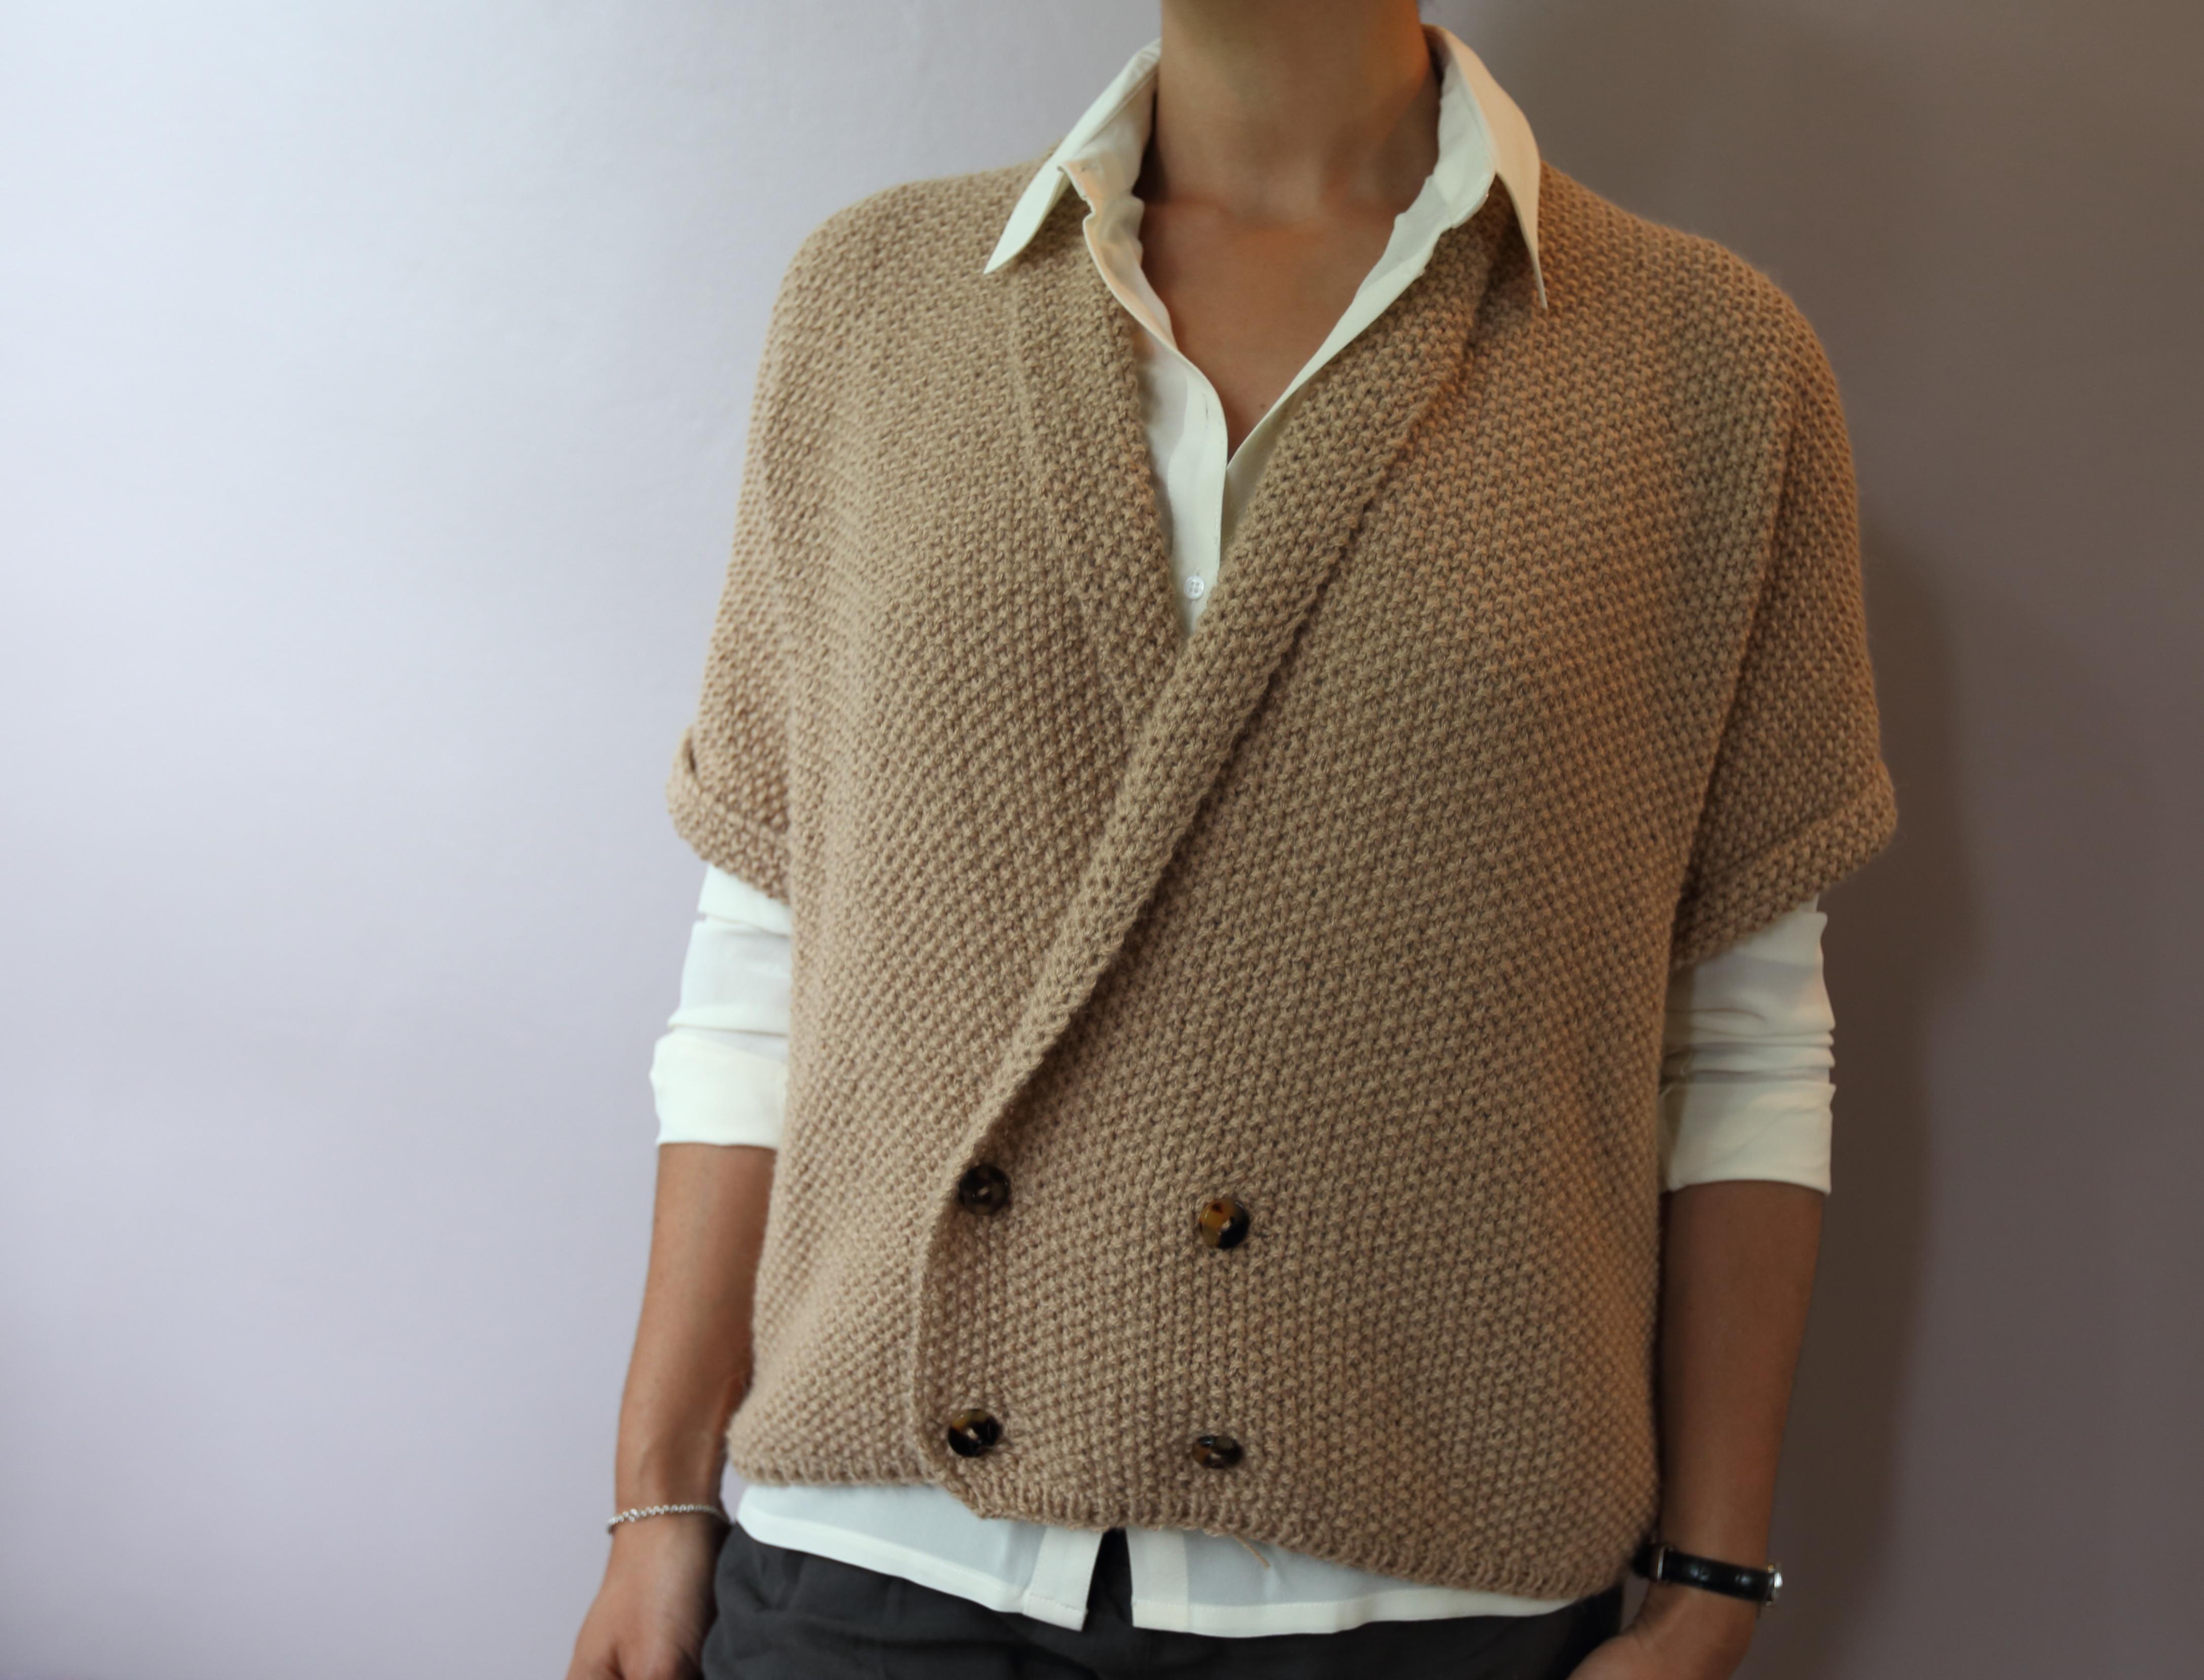 Modele gilet tricot aiguille 4